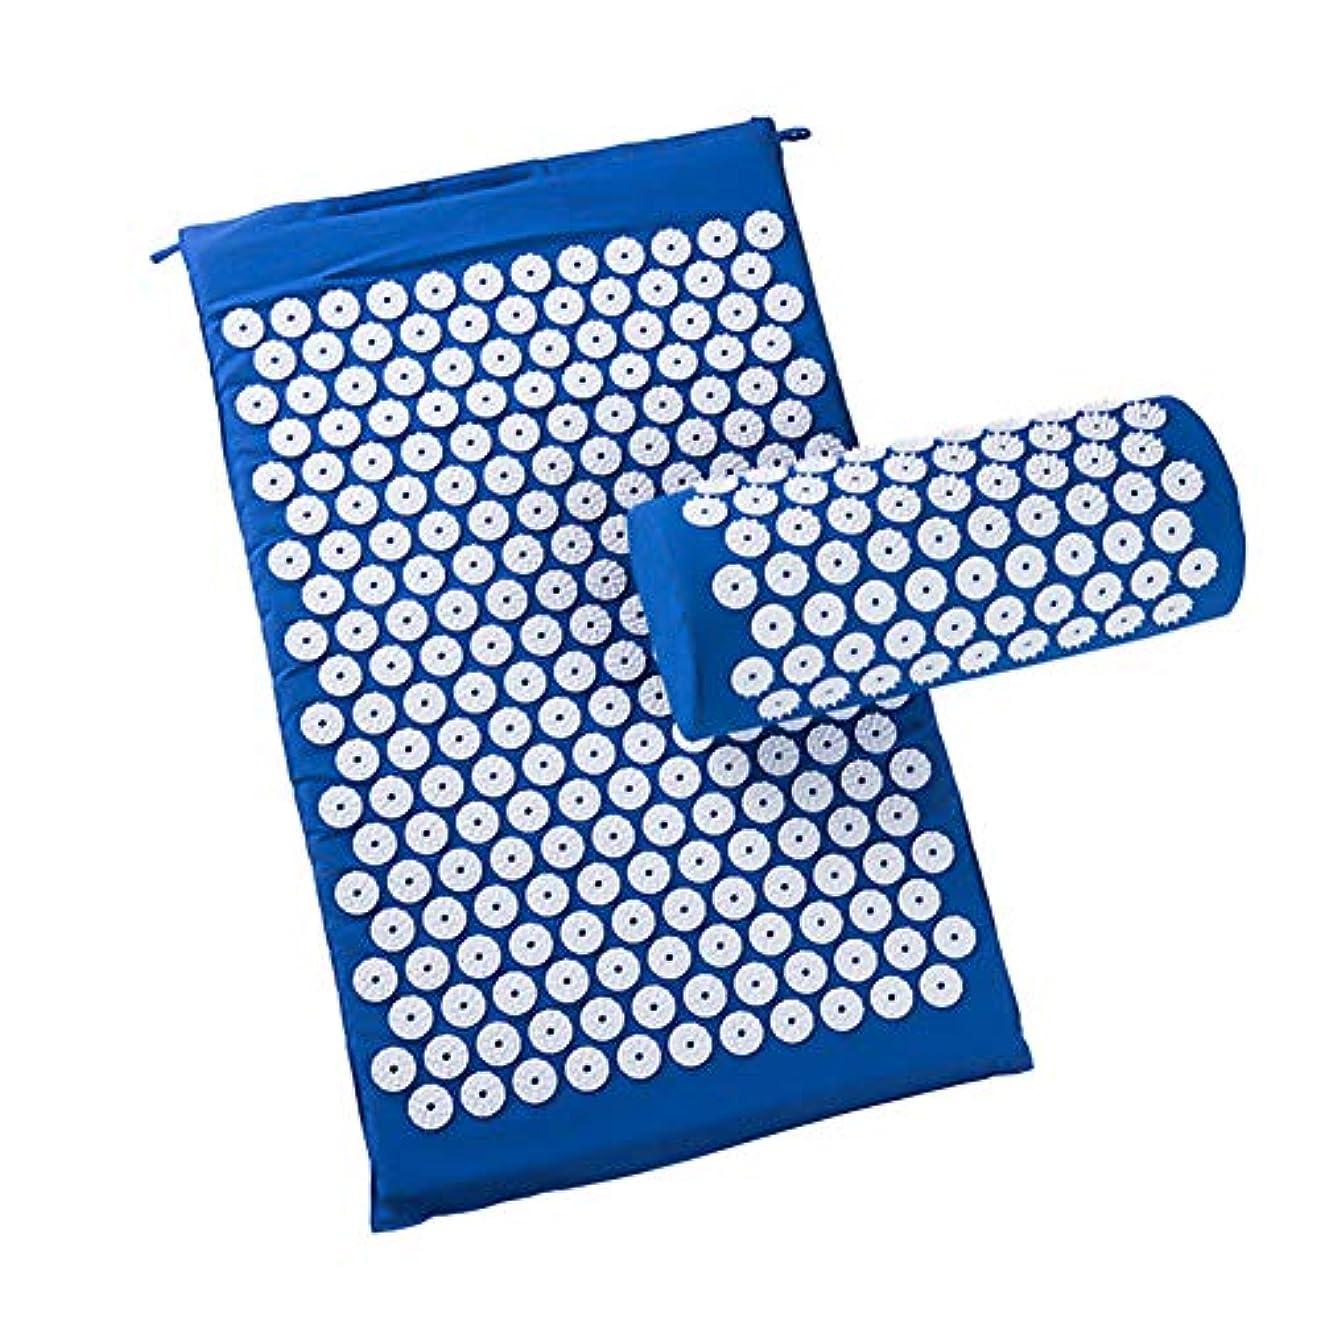 呼ぶ印象的飛躍(フェイスコジー) Facecozy マッサージクッション 指圧クッション 枕付き 健康療法用 ヨガマット ストレス解消 ボディヘッド フットネック (ブルー)